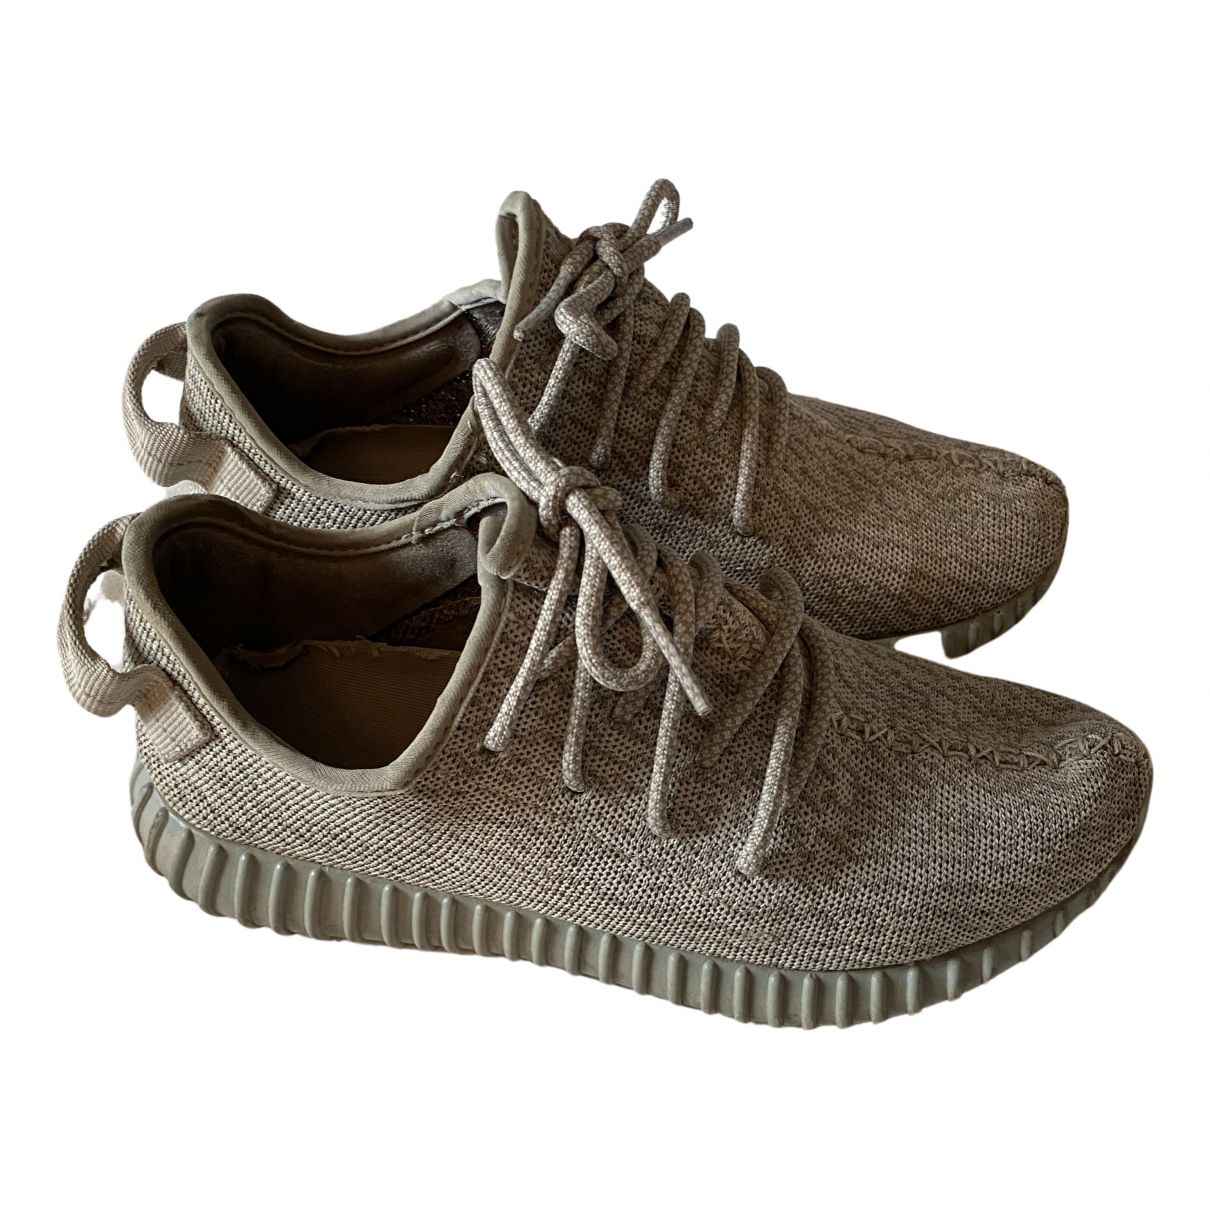 Yeezy X Adidas - Baskets Boost 350 V1 pour homme en caoutchouc - gris